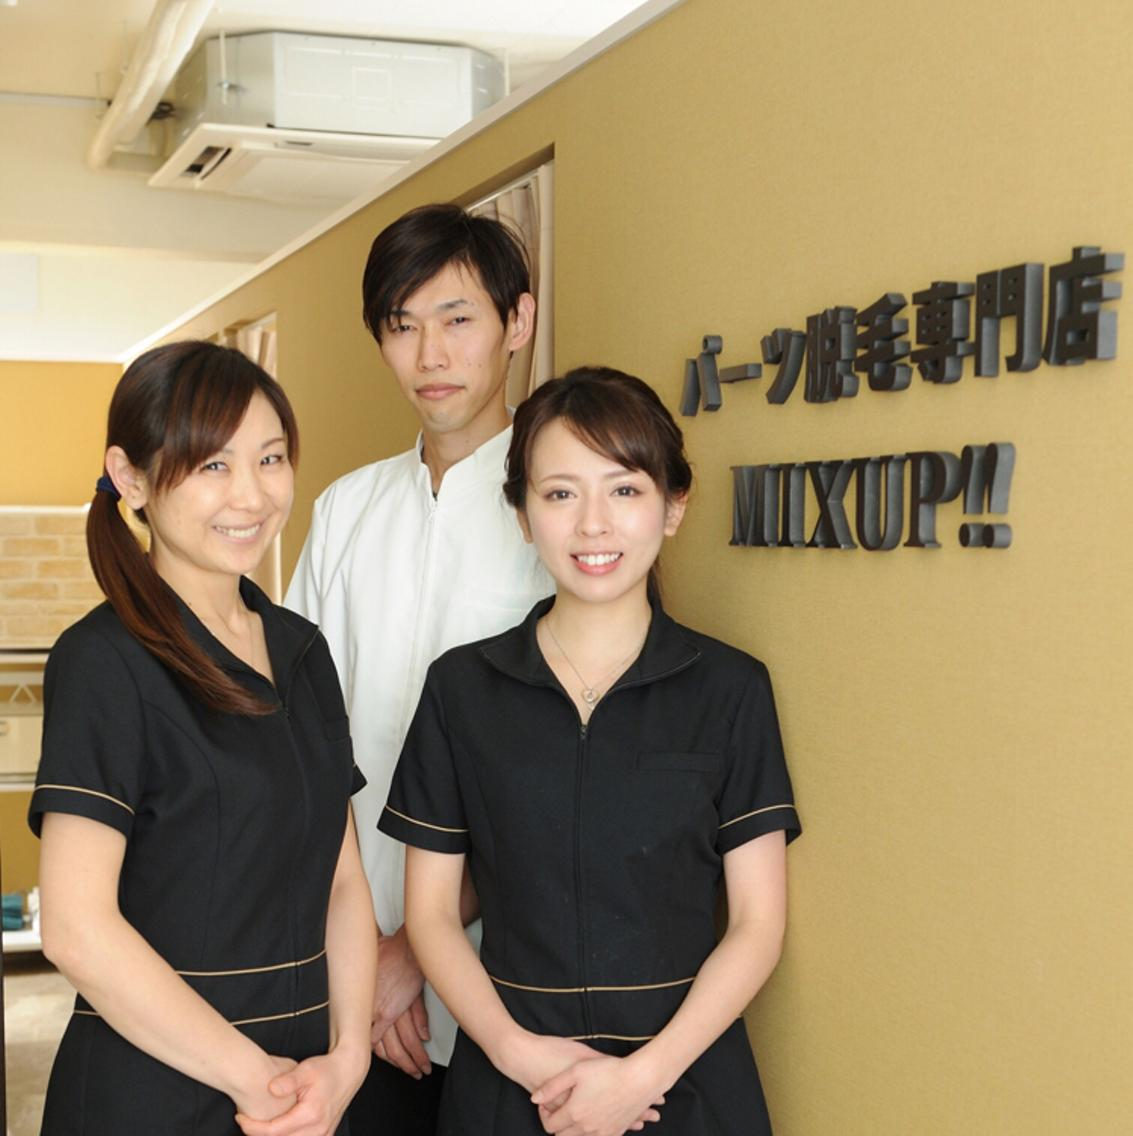 MIXUP所属・高橋ひさの掲載